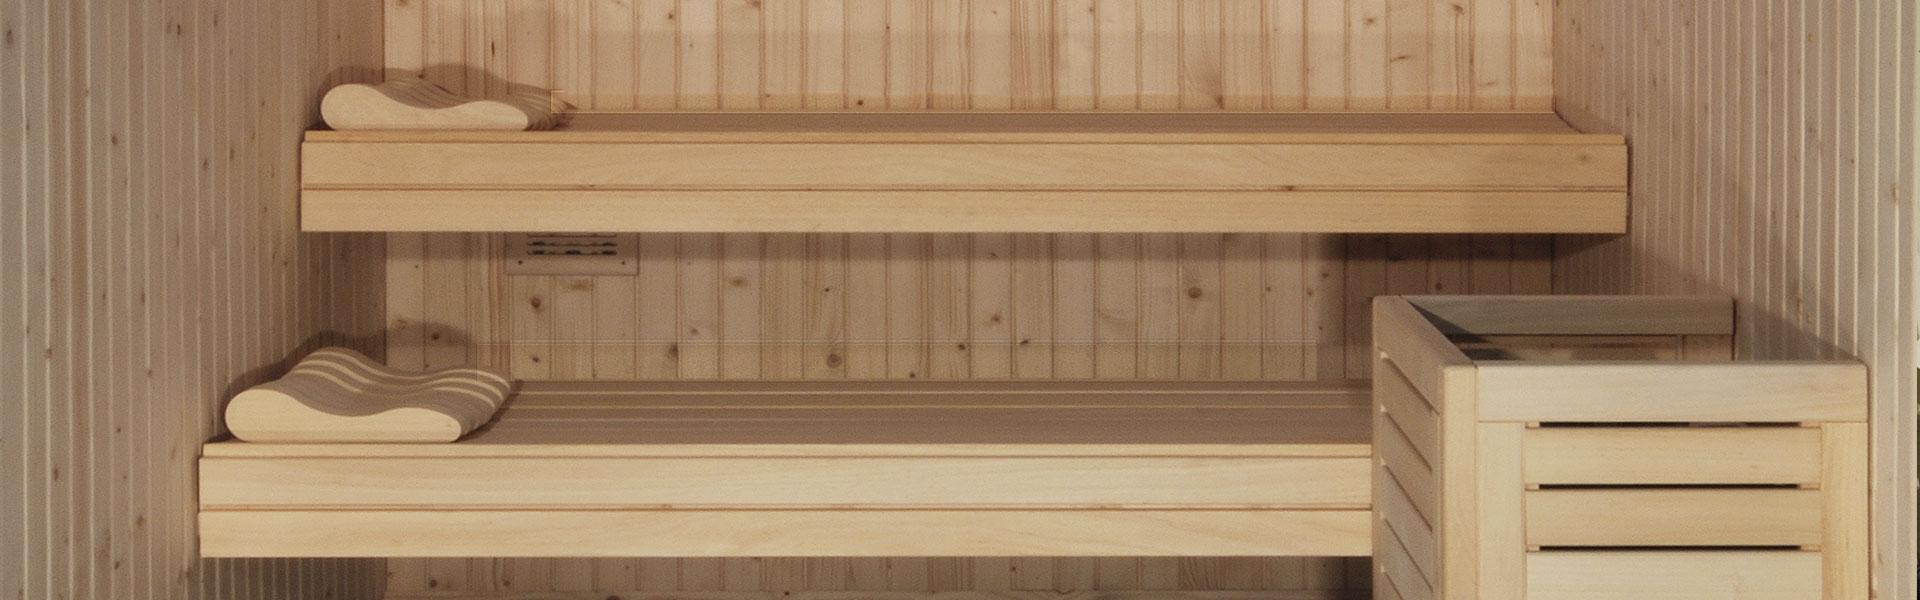 Cabine De Sauna Prix acheter sauna hammam à annecy / genève